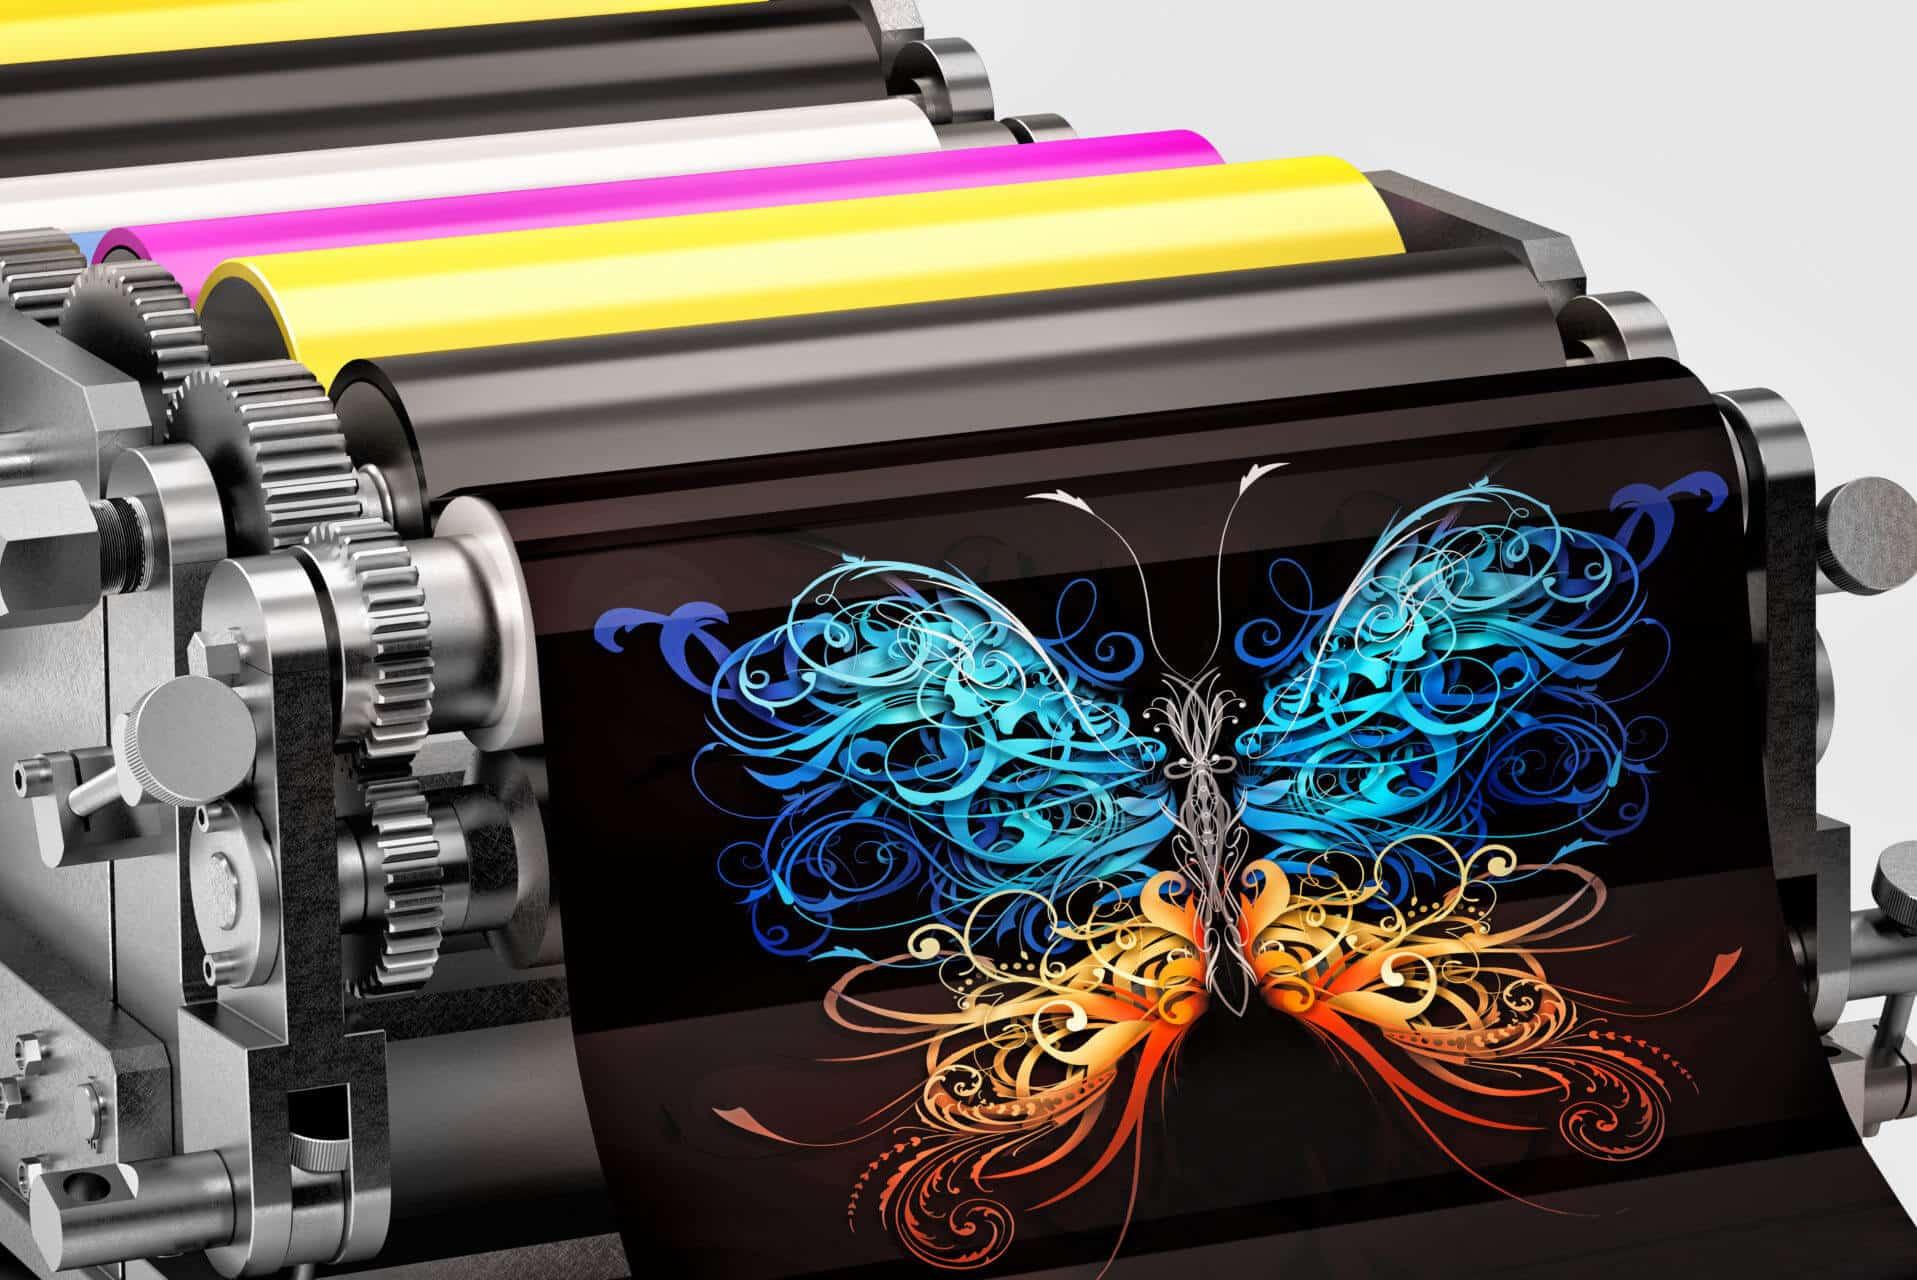 GM Druck - Die Druckerei für Digitaldruck, Offset und Textildruck